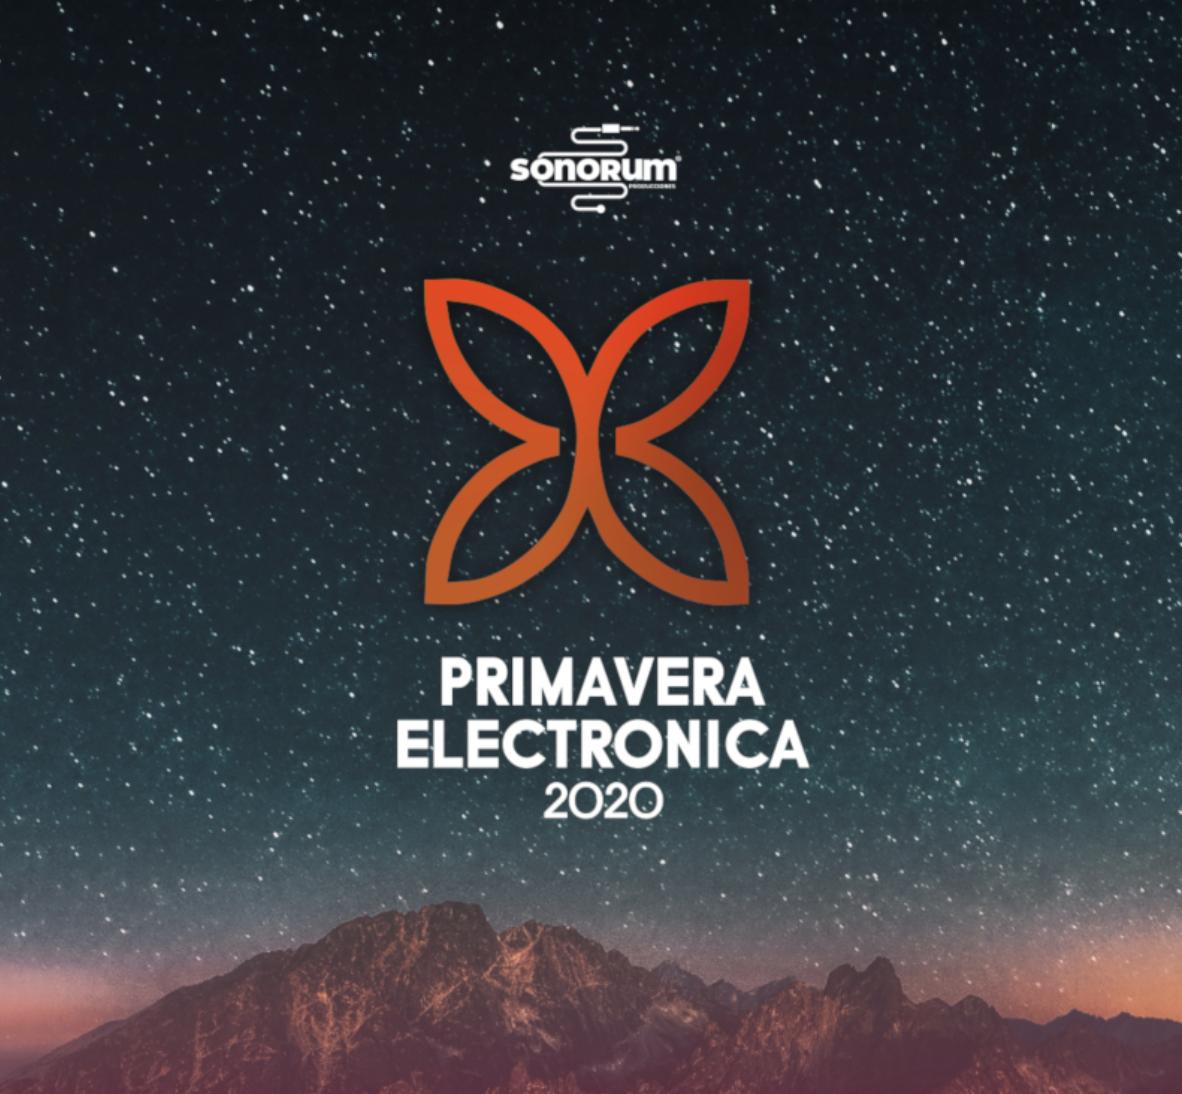 El festival Primavera Electrónica 2020 será enmarzoHuétor Vega, Granada